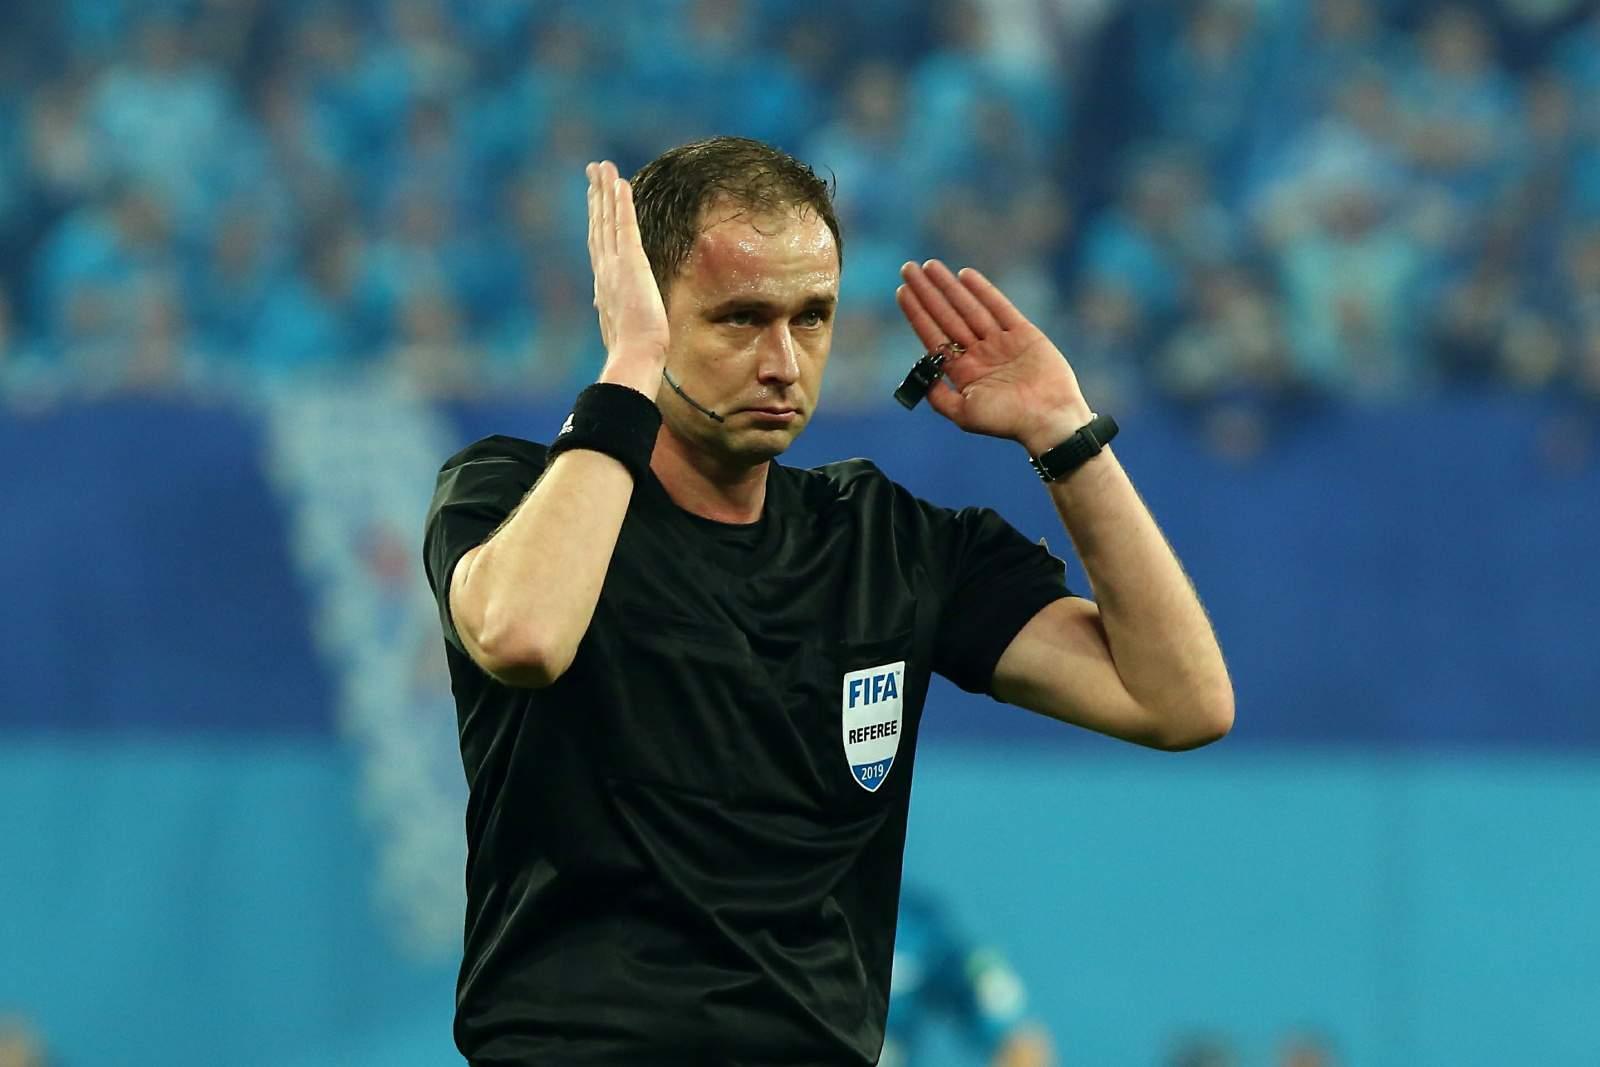 ЭСК РФС назвала ошибки Мешкова в матче «Ростов» - «Зенит»